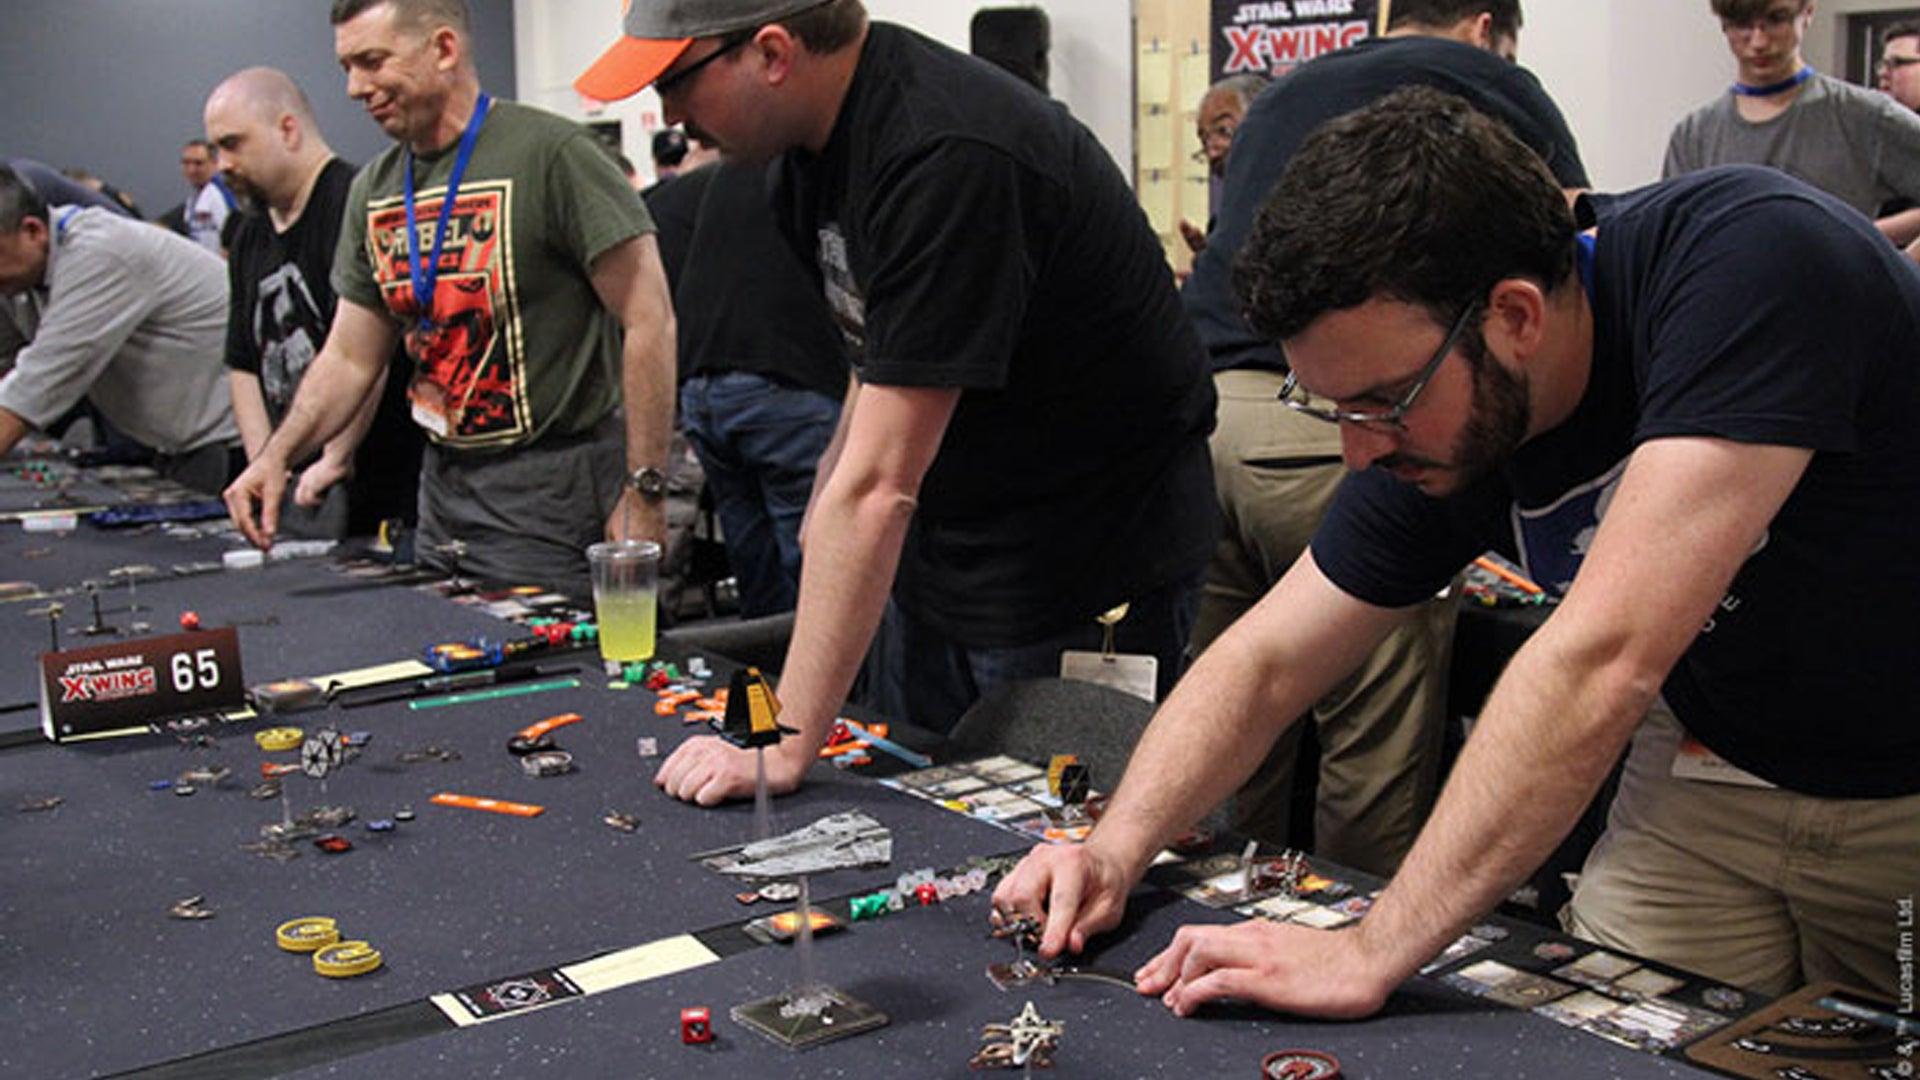 x-wing-open-series-organised-play.jpg